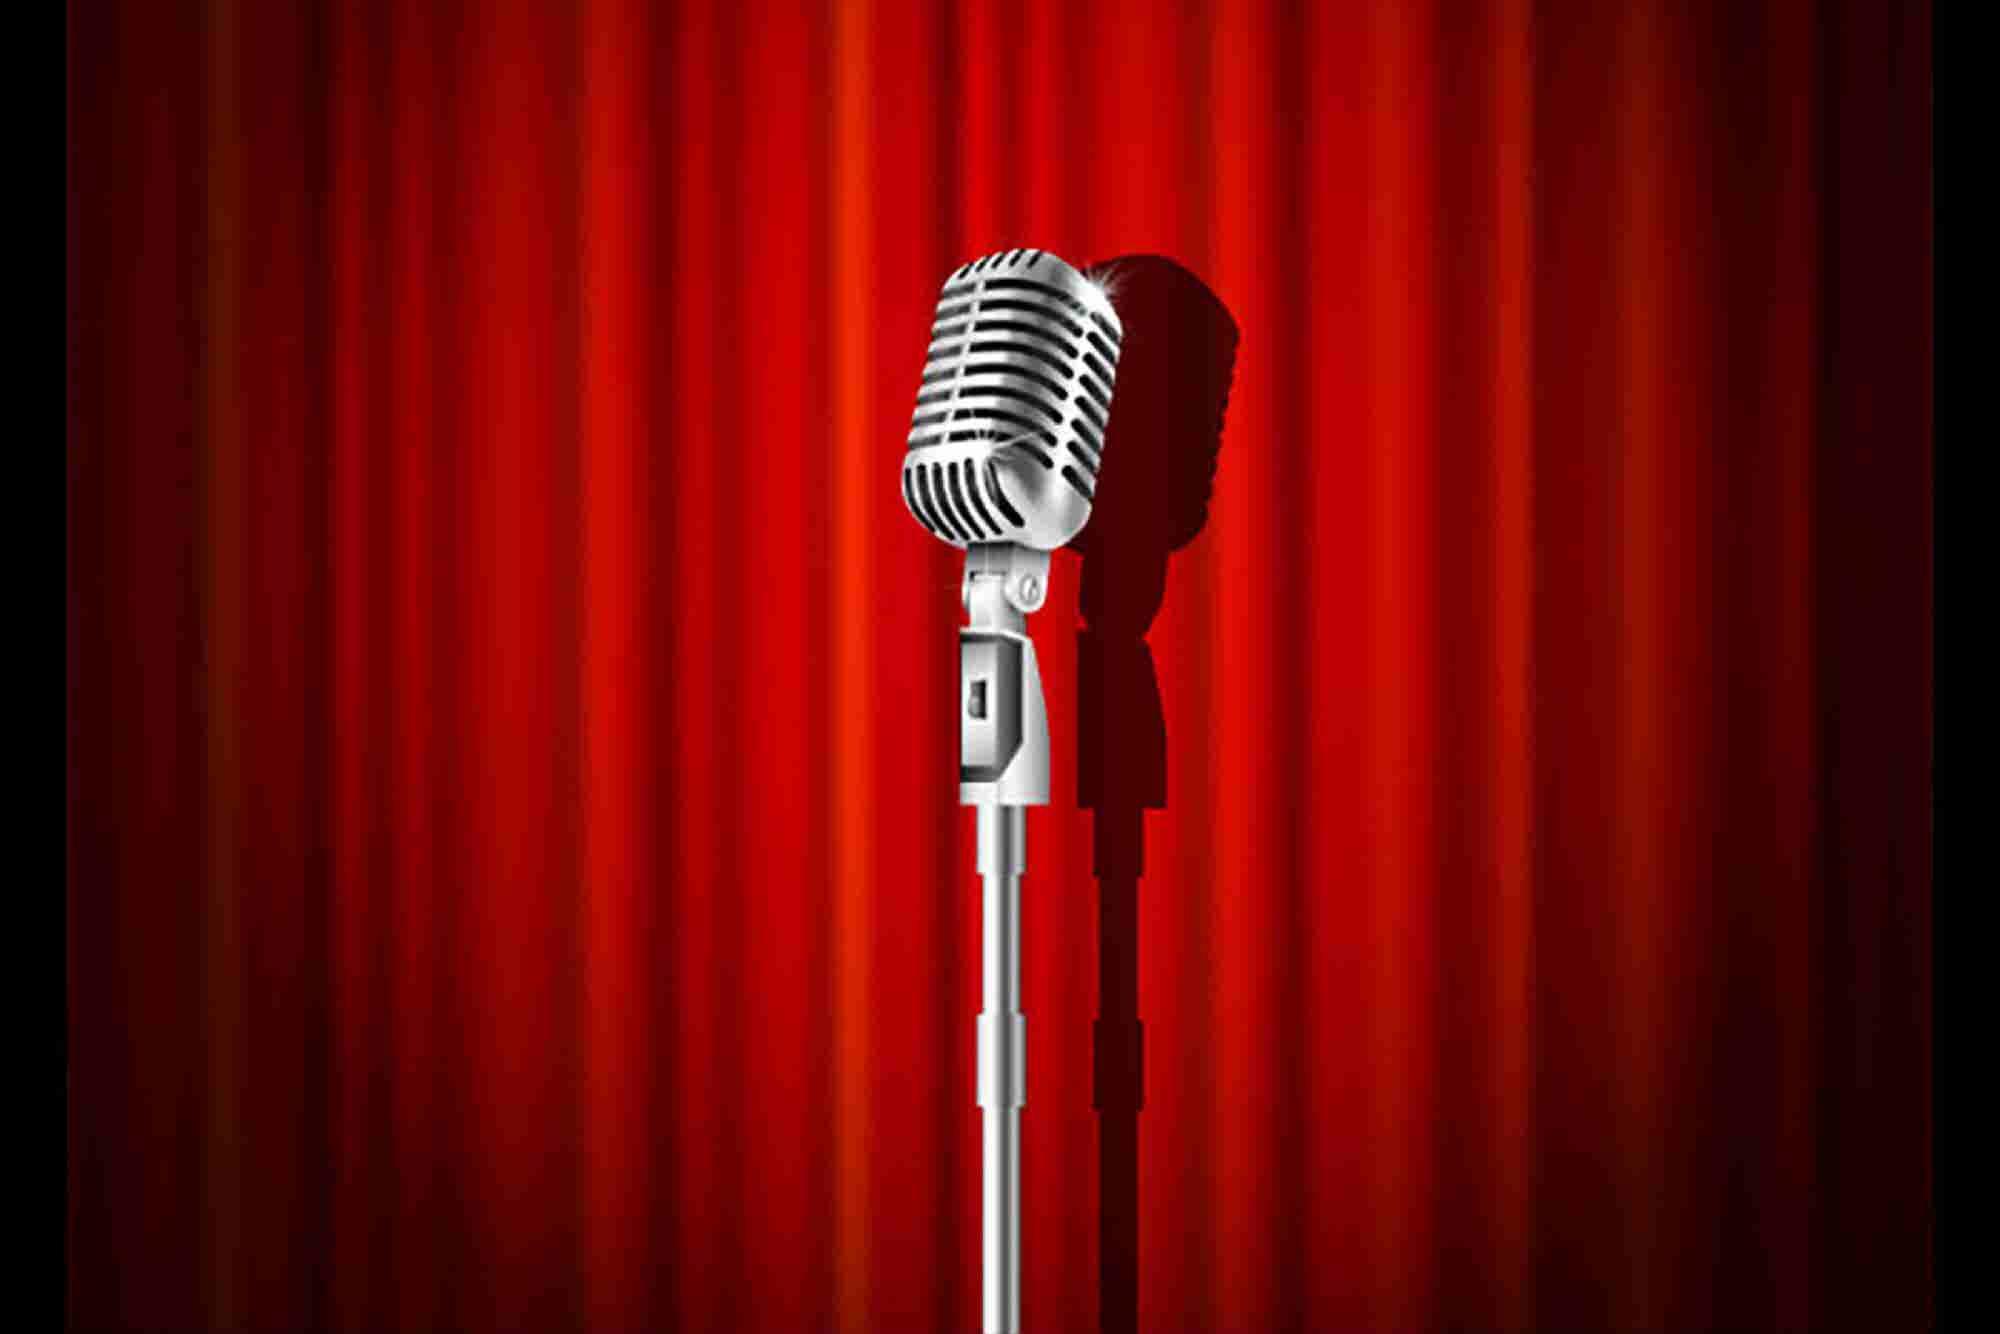 Escuela de Stand up comedy